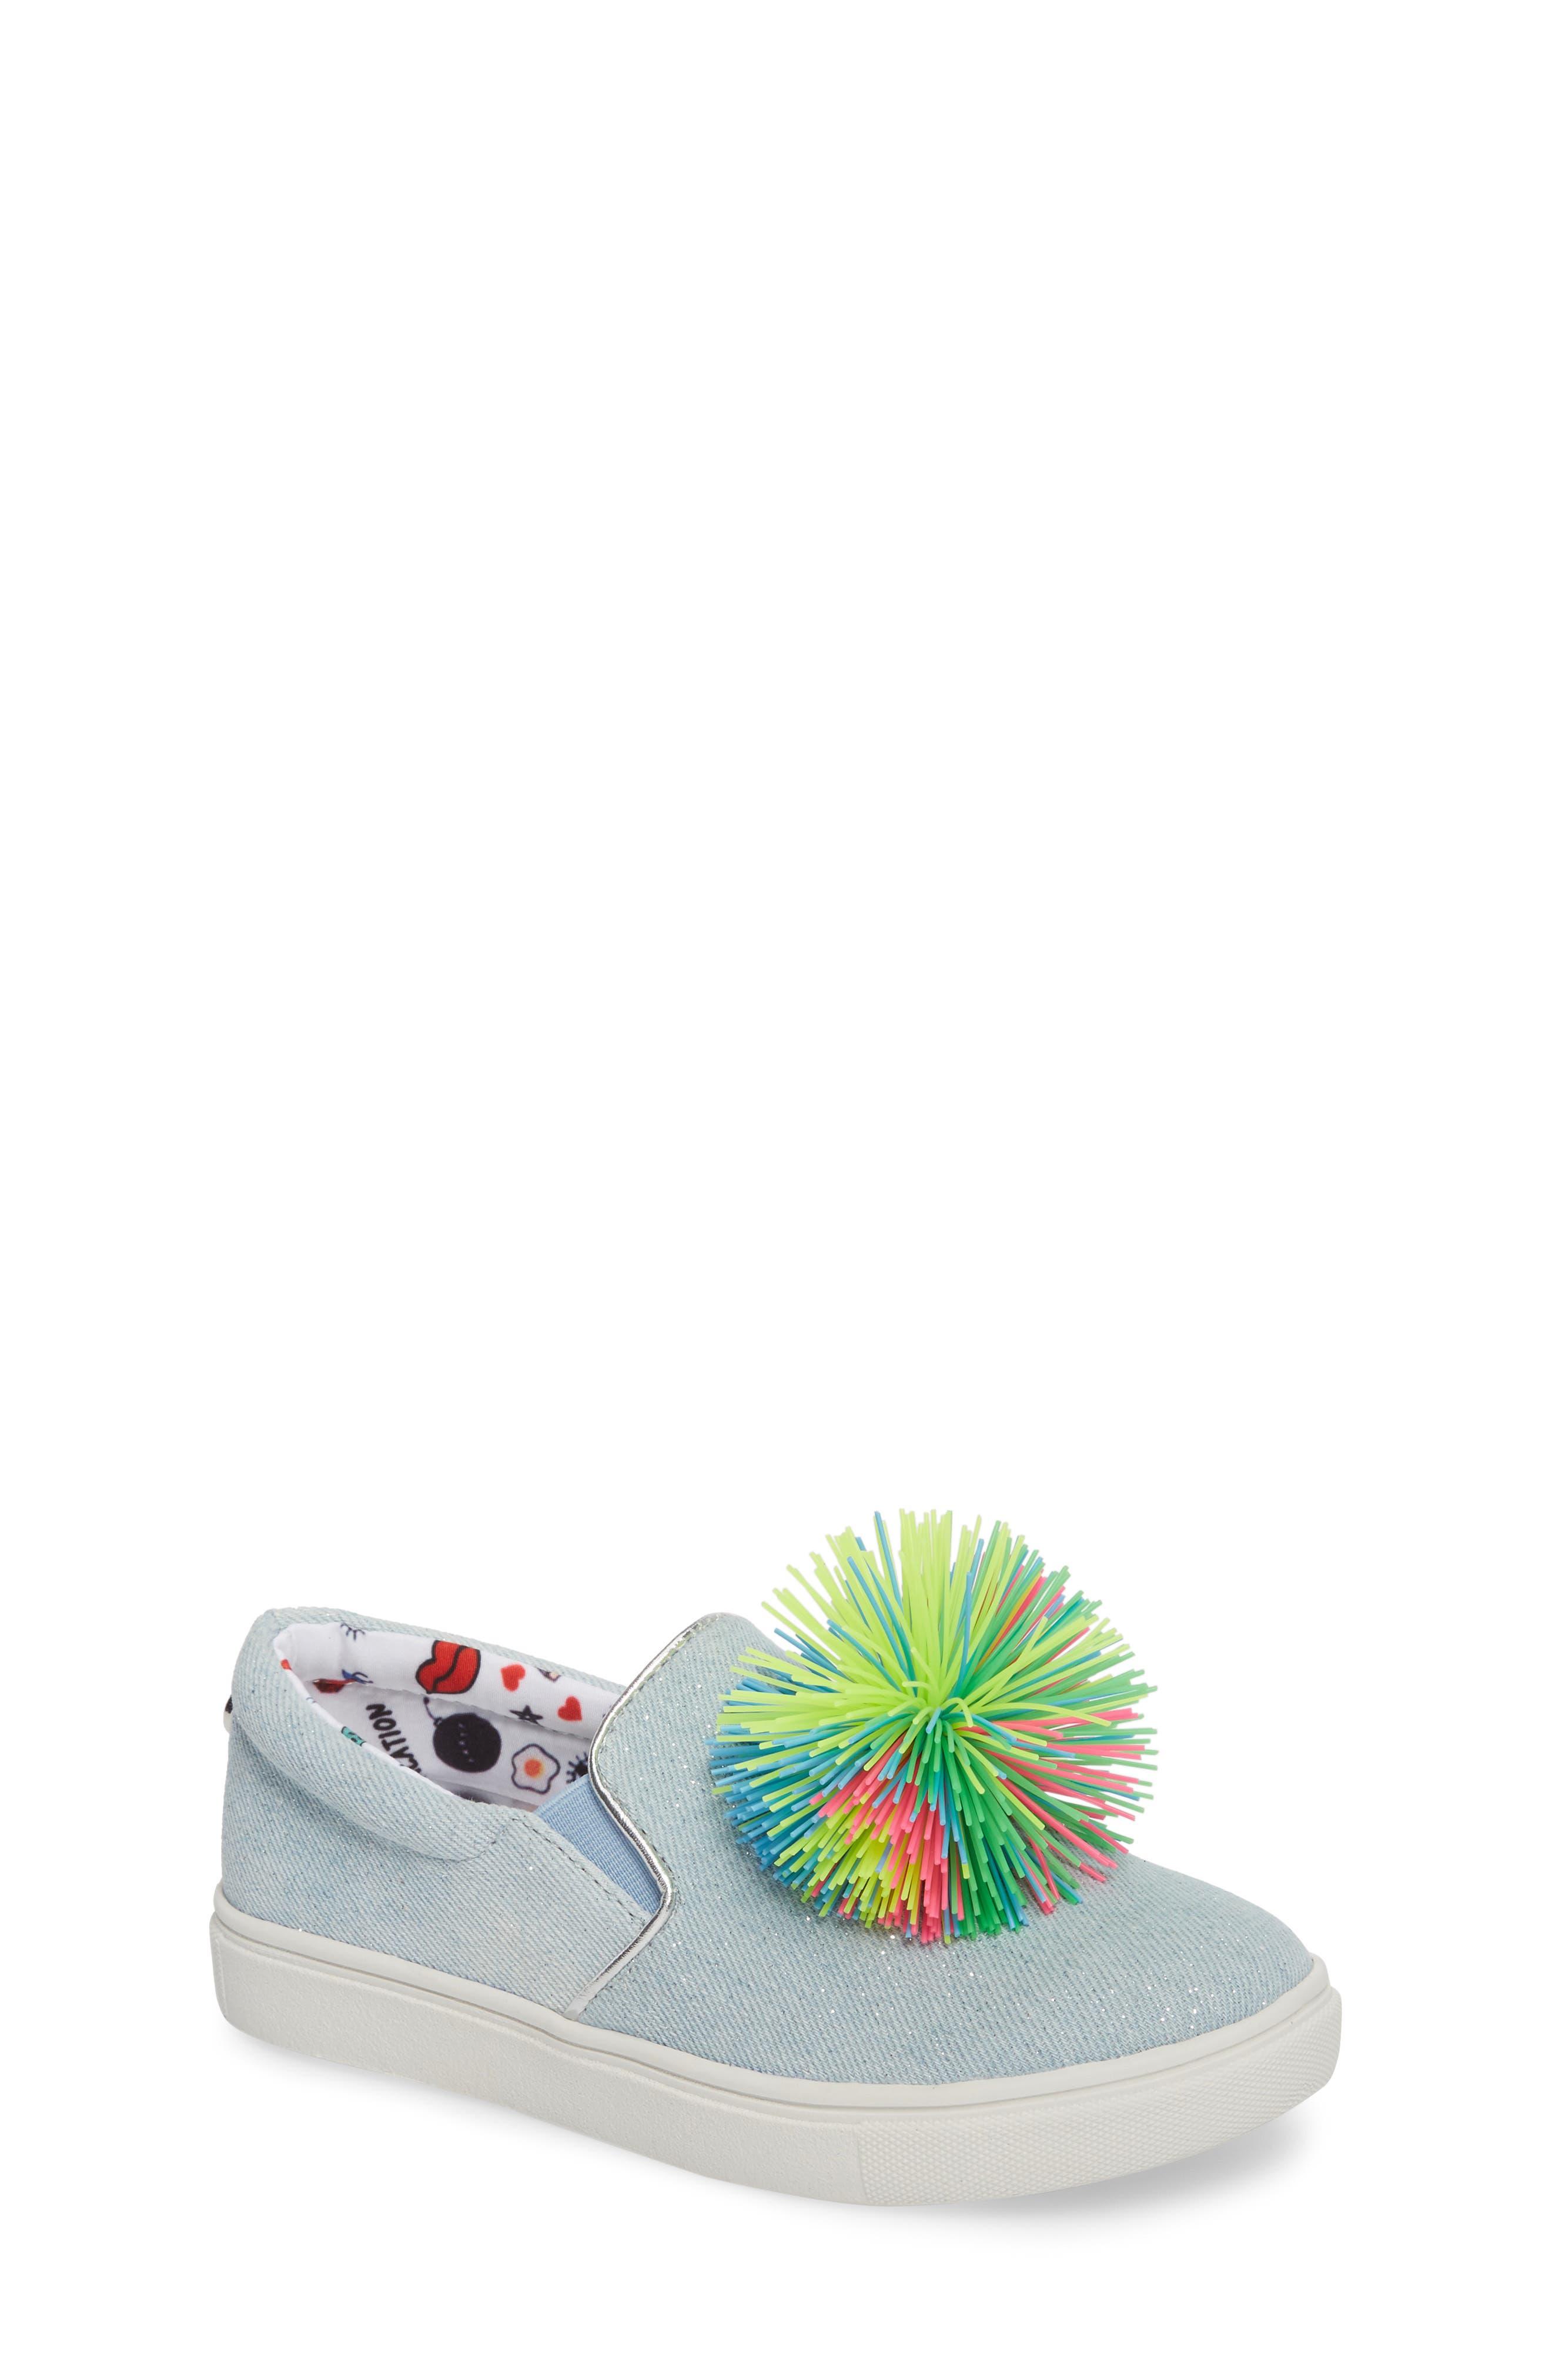 Alternate Image 1 Selected - Steve Madden Pompom Slip-On Sneaker (Little Kid & Big Kid)